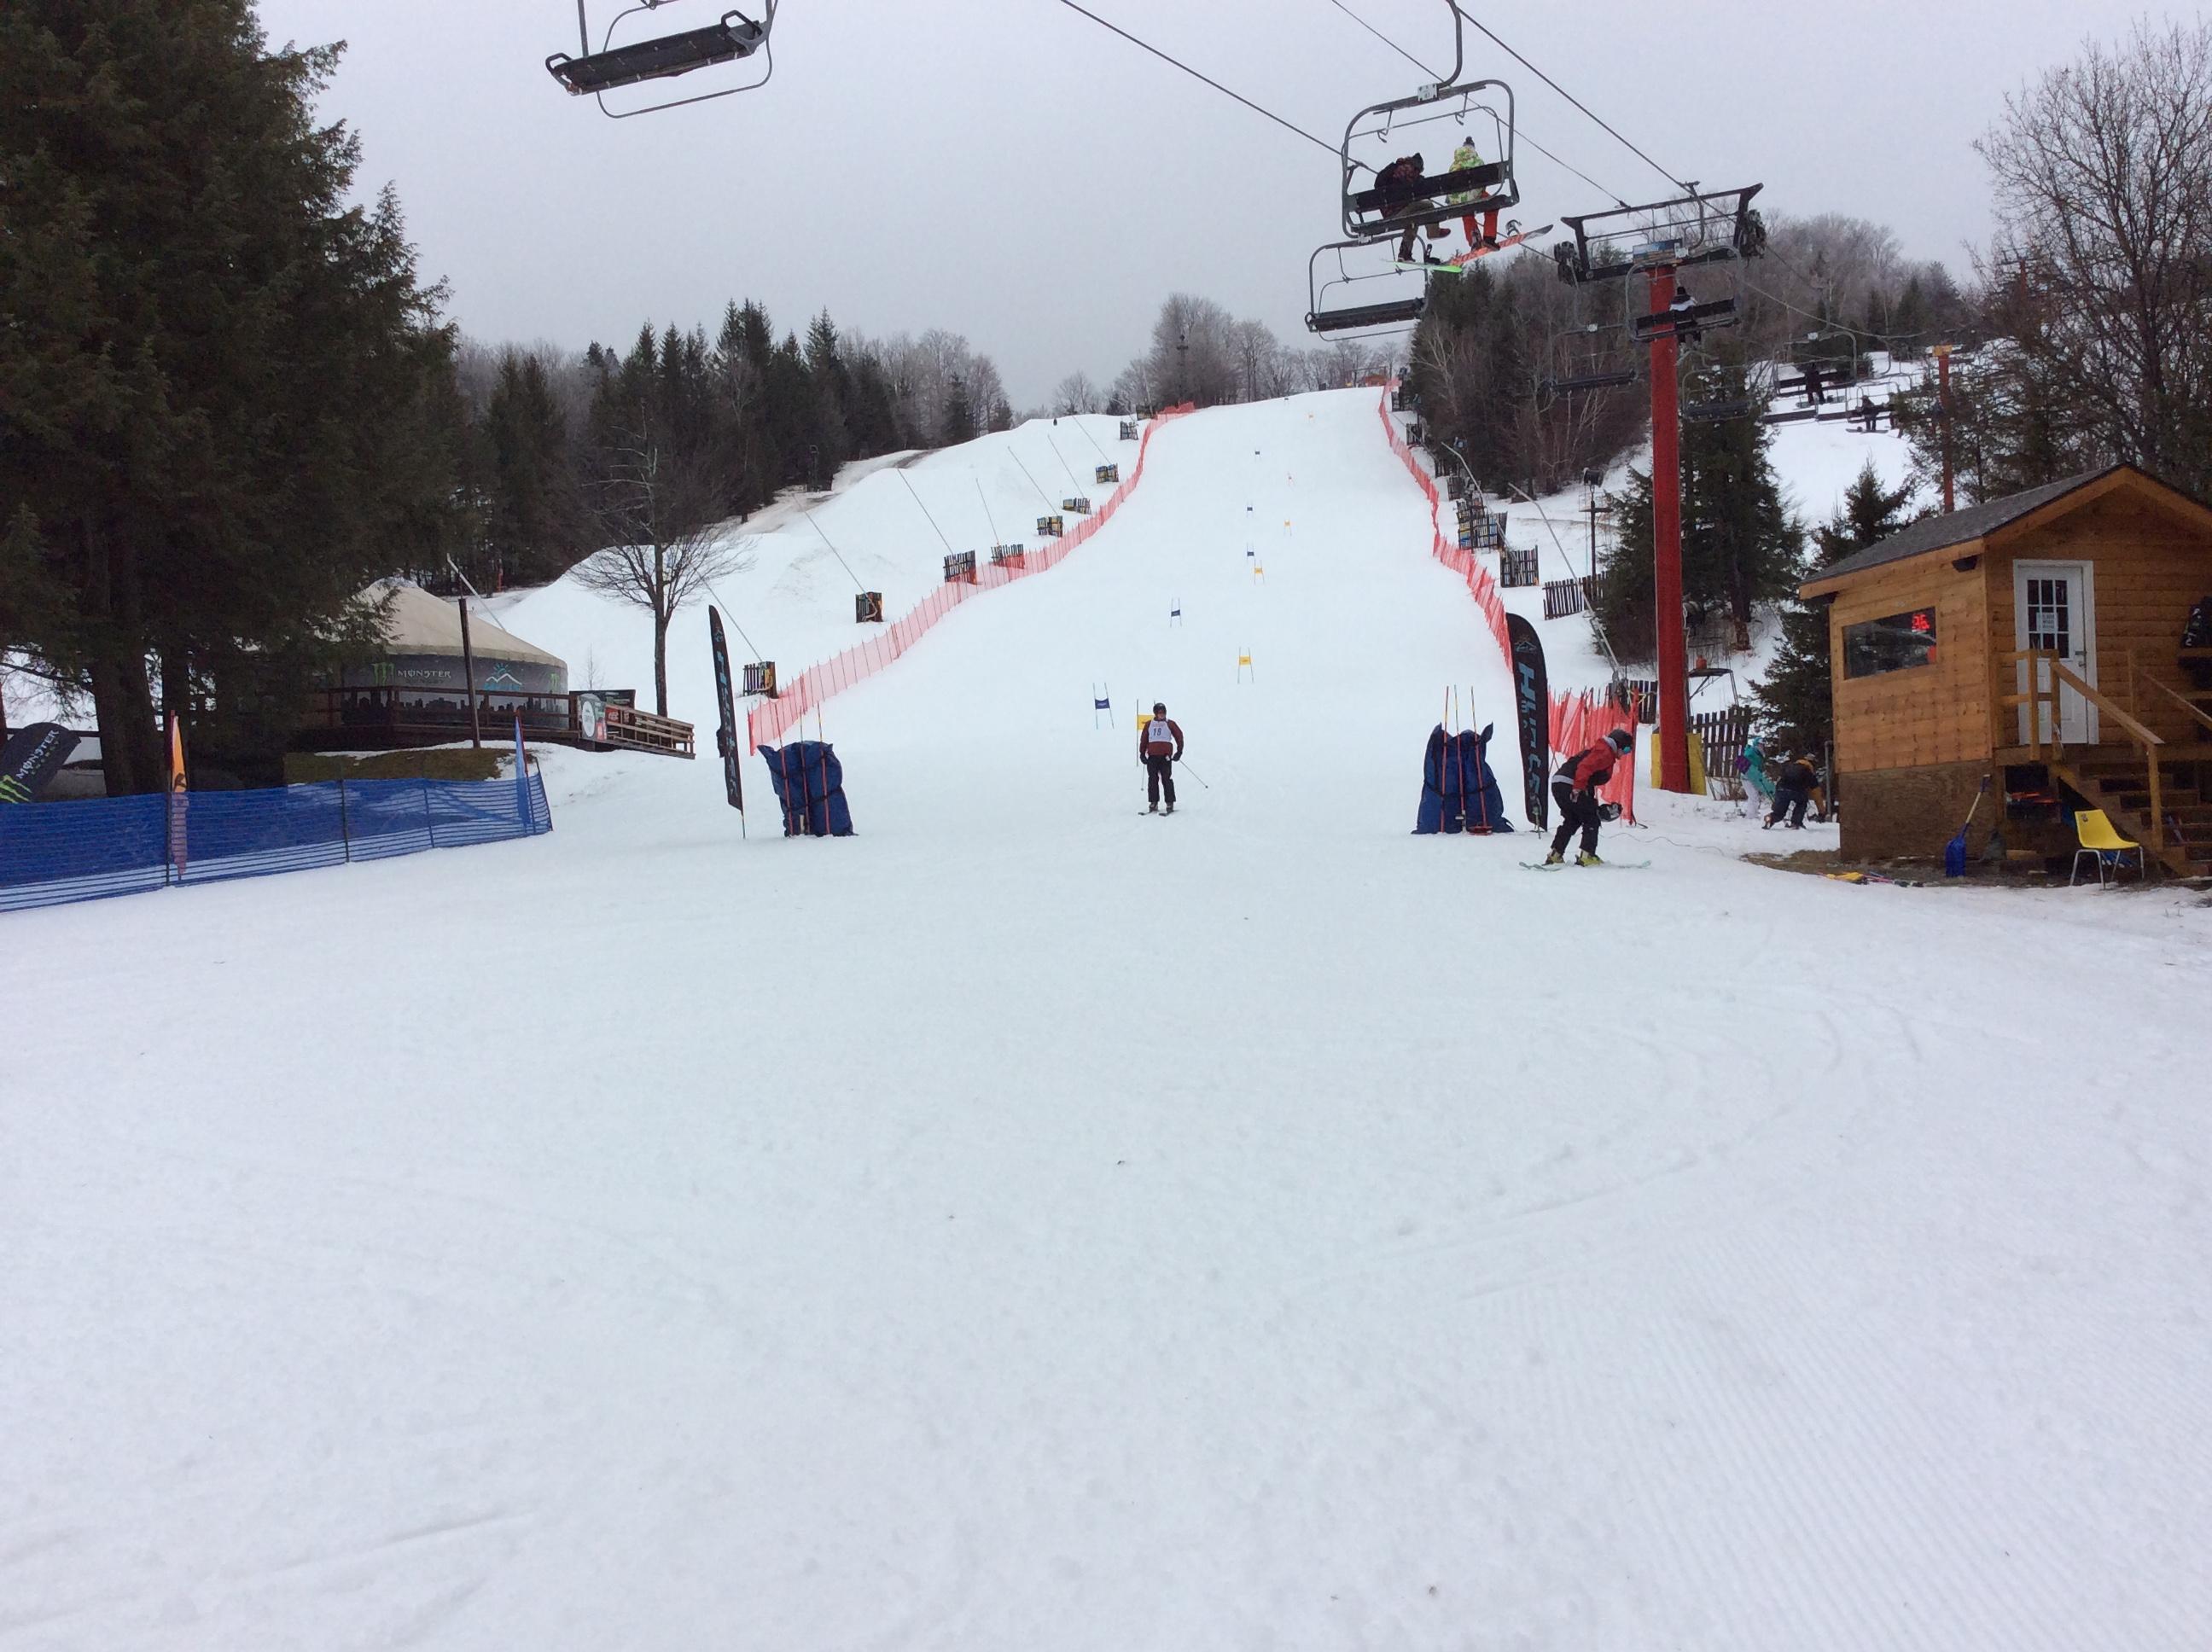 nypd-ski-club_32396142705_o